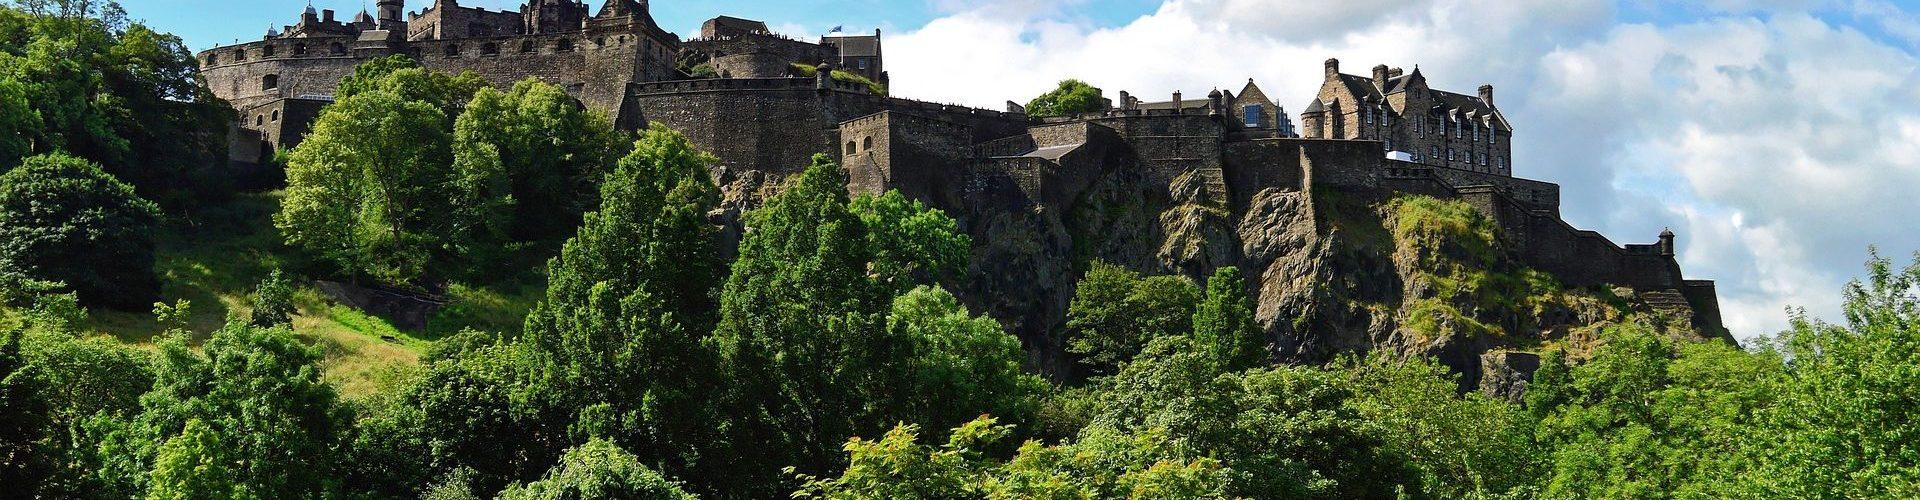 המצודה באדינבורו, סקוטלנד